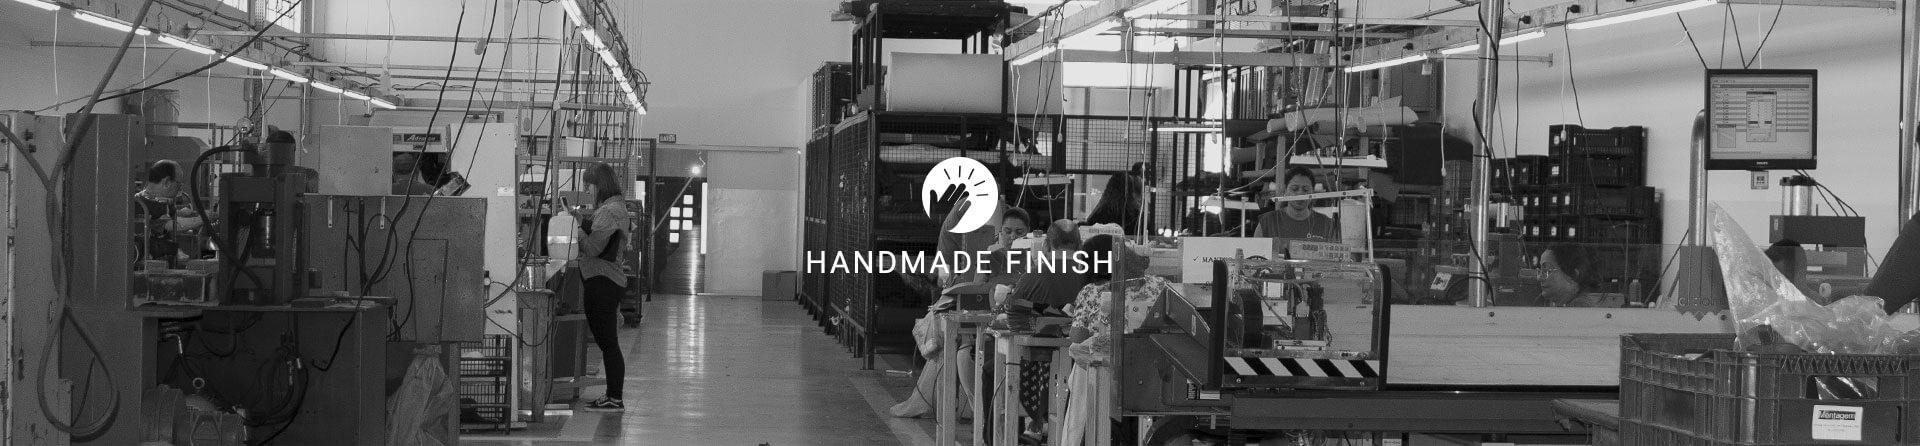 Handmade Finish